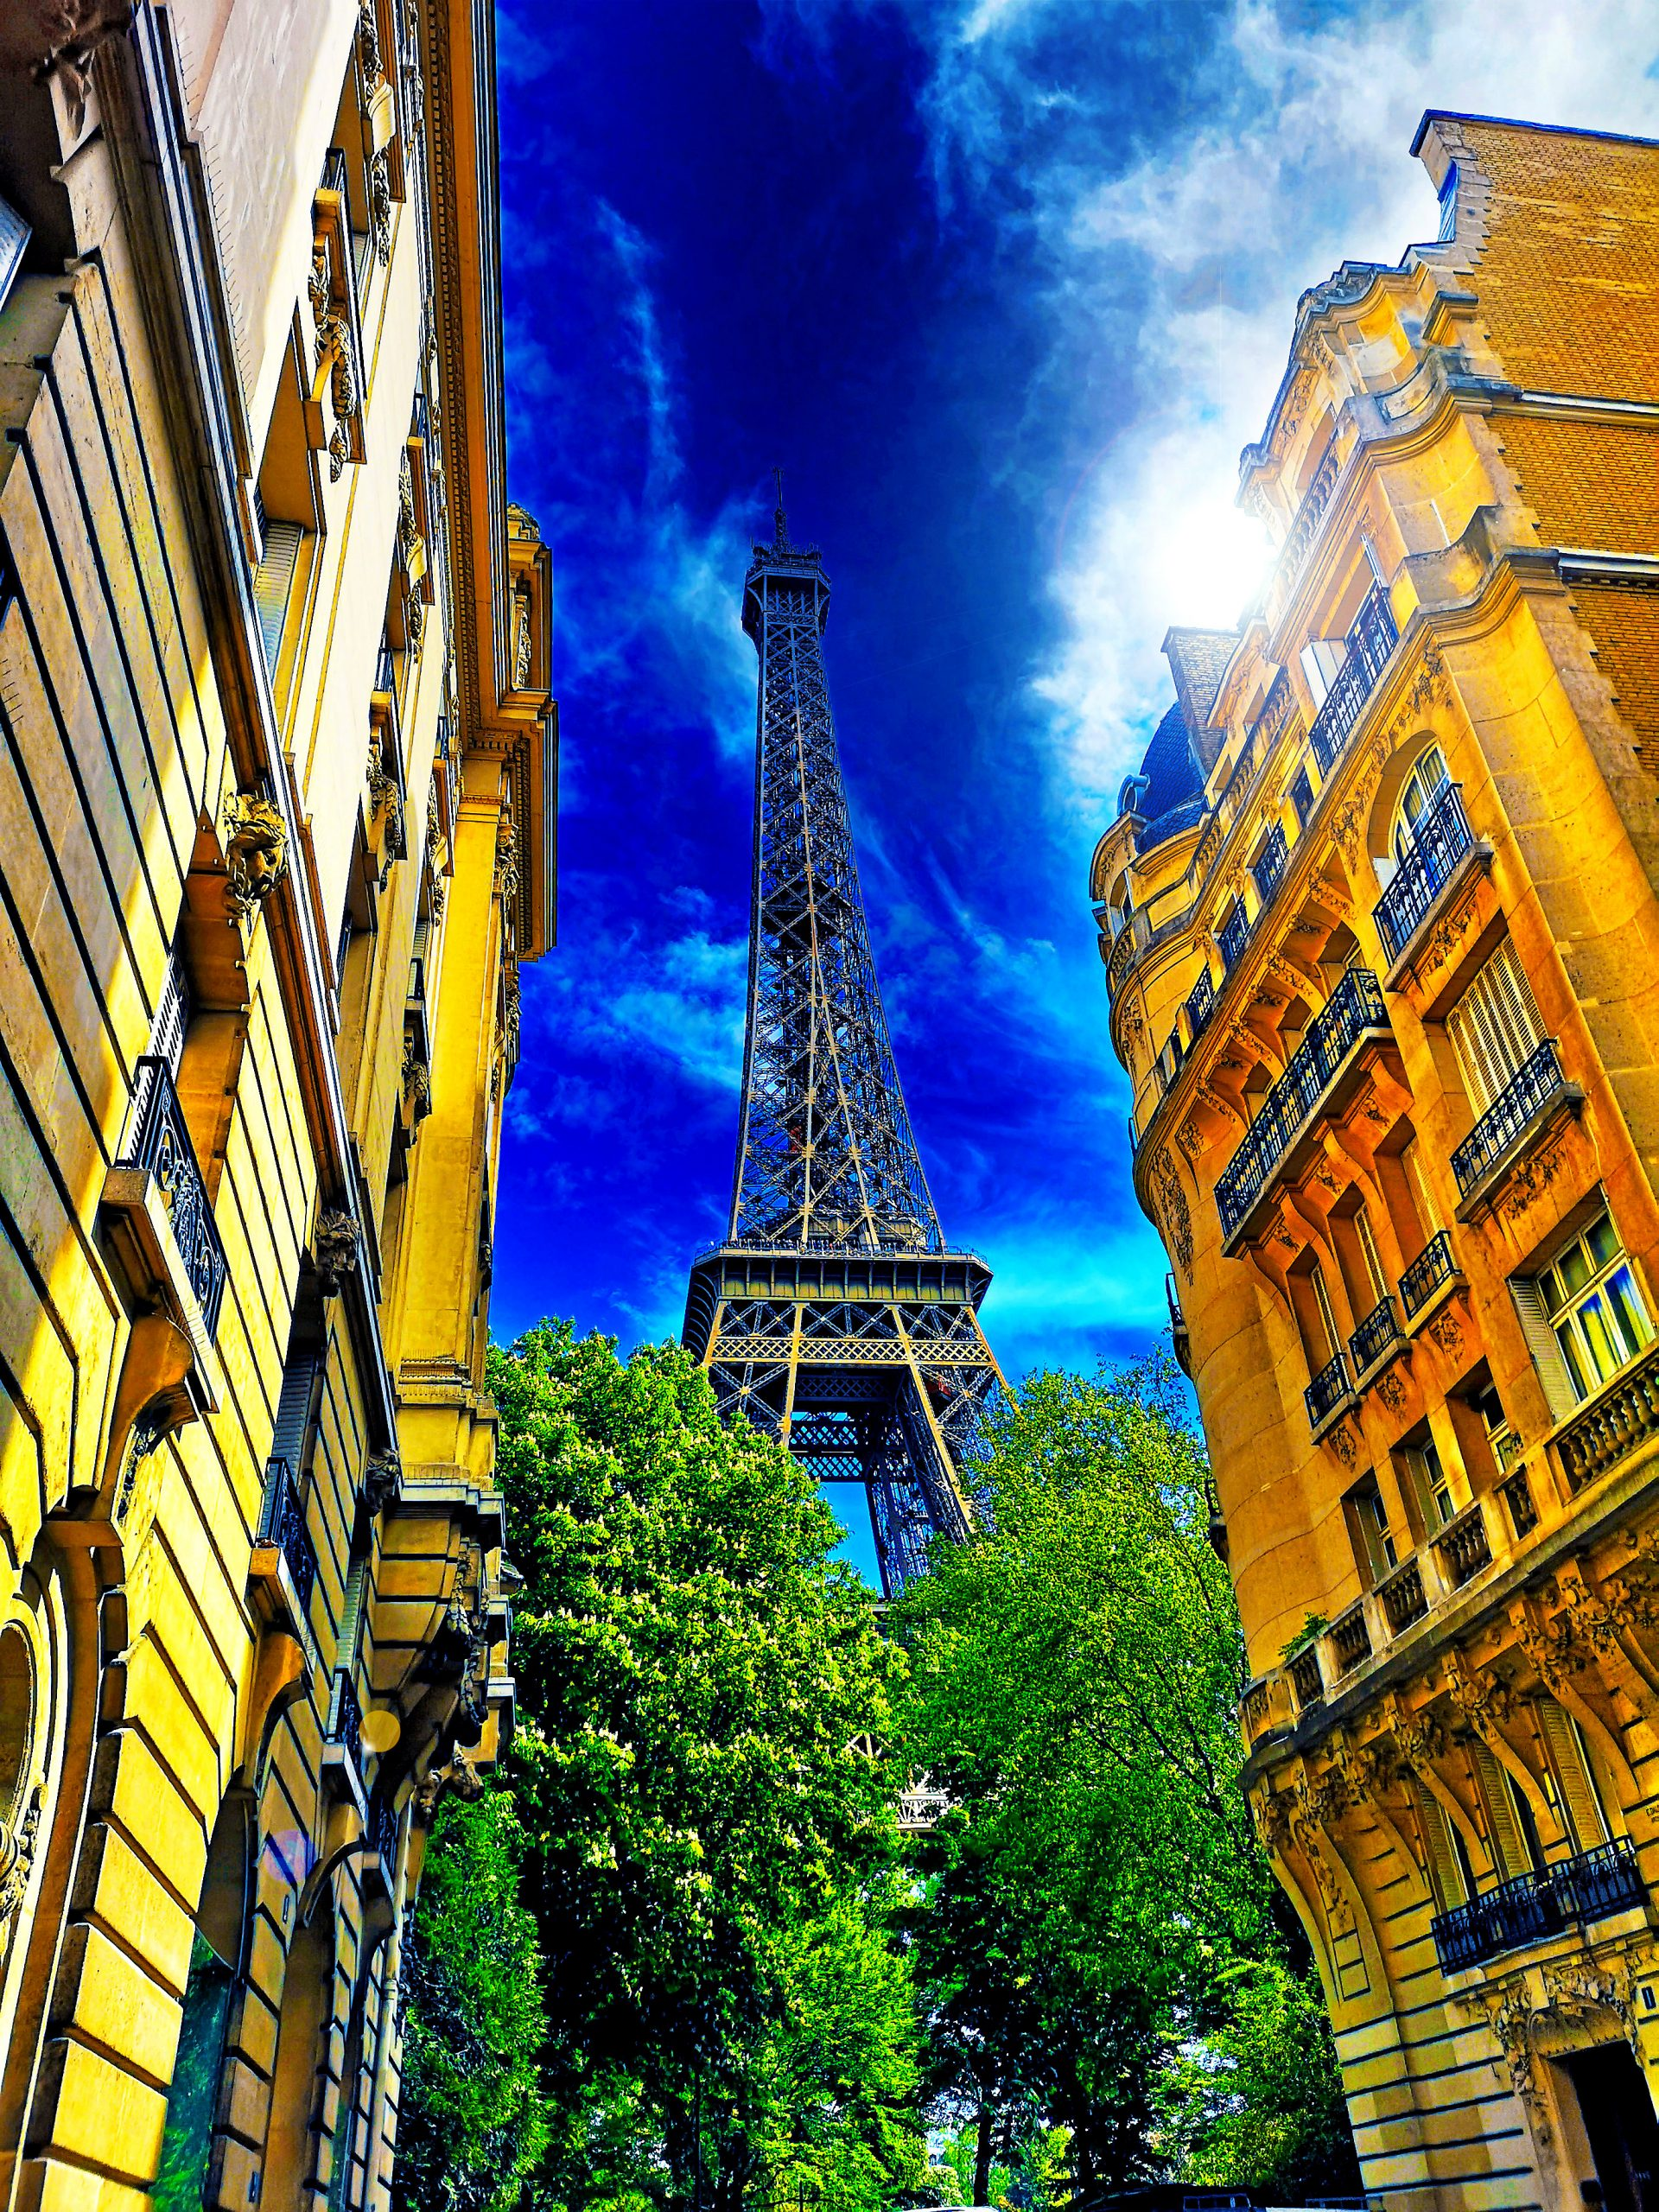 Eifelturm - Das Wahrzeichen von Paris - der Eifelturm. Zu meiner Überraschung ist dieser mittlerweile von einer hohen durchsichtigen Mauer umgeben, die eine doch trügerische Sicherheit vermittelt. Da genoss ich den Blick von einem Café, das sich unweit des Eifelturms befindet. - Foto: Michael B. Rehders